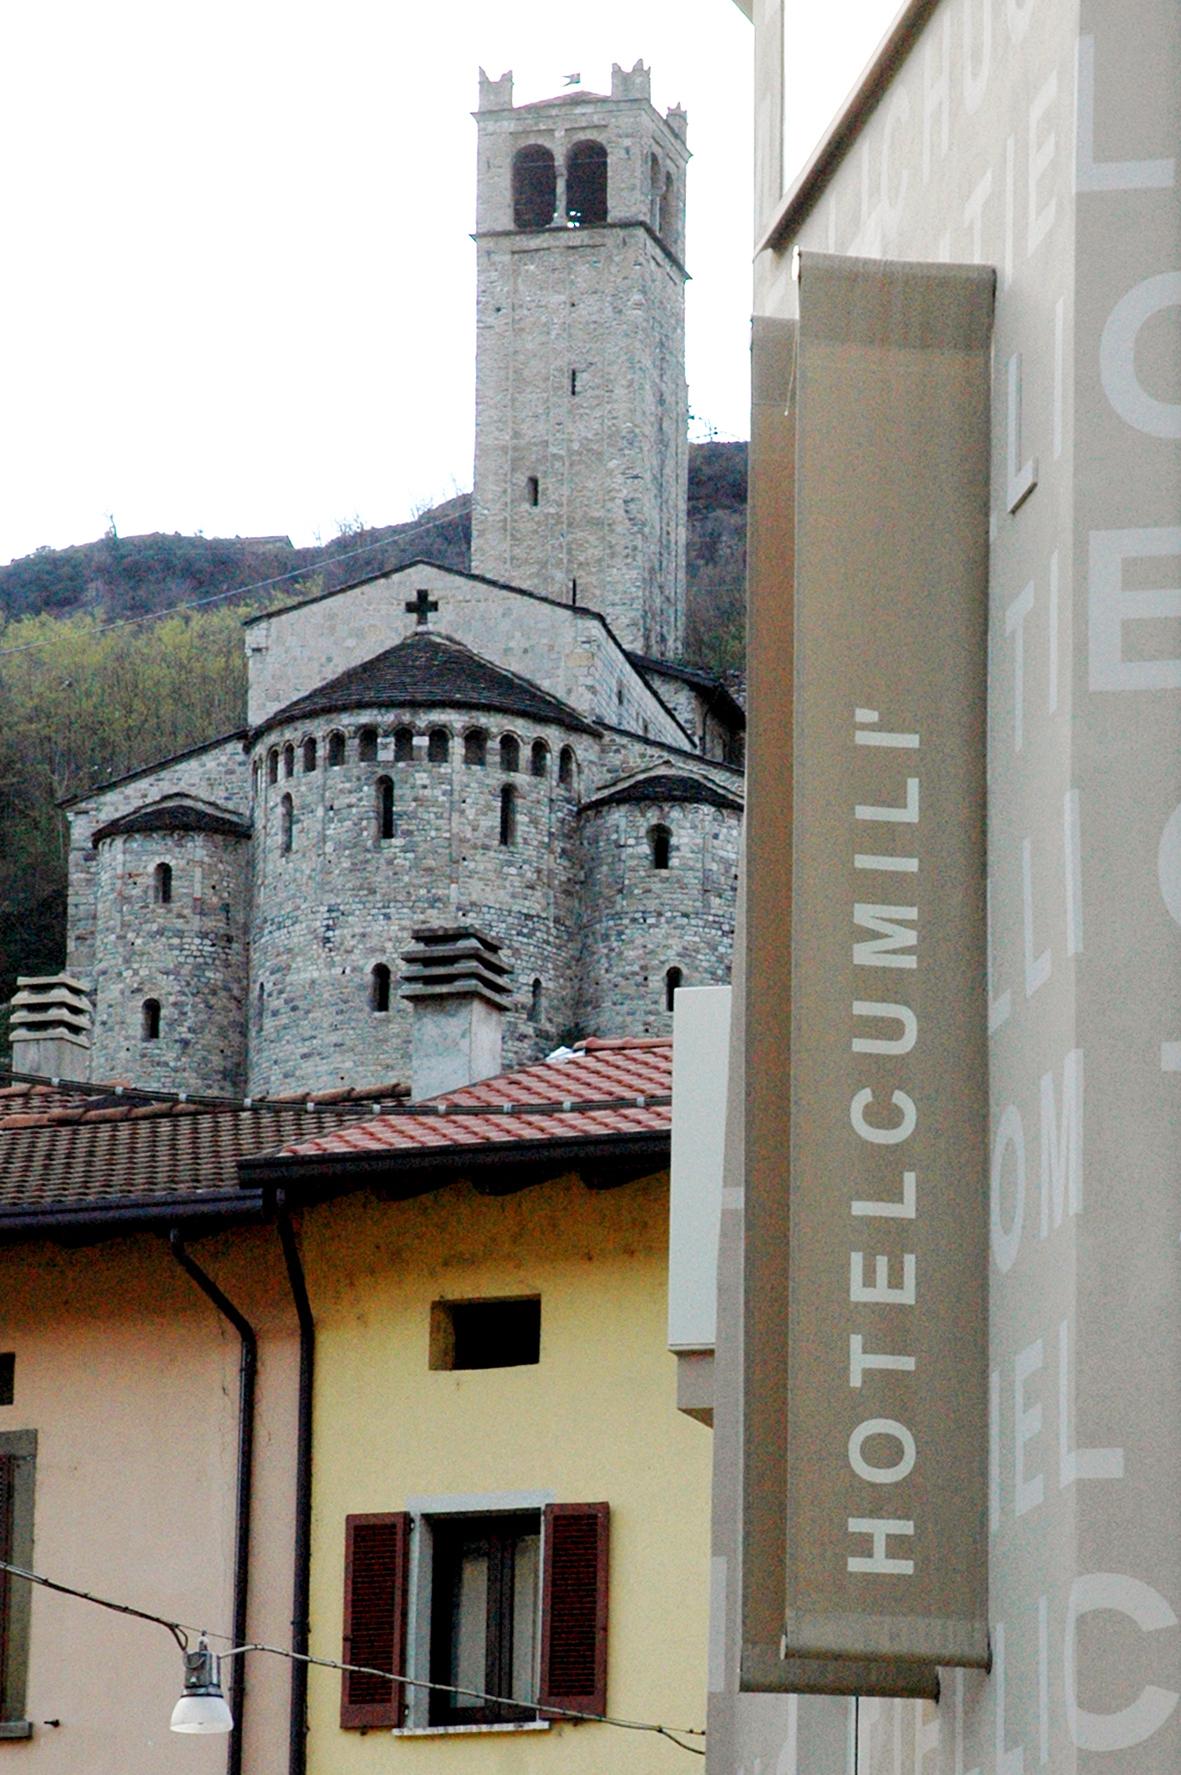 Studio-di-architettura-Baisotti-Sigala-prgetti28